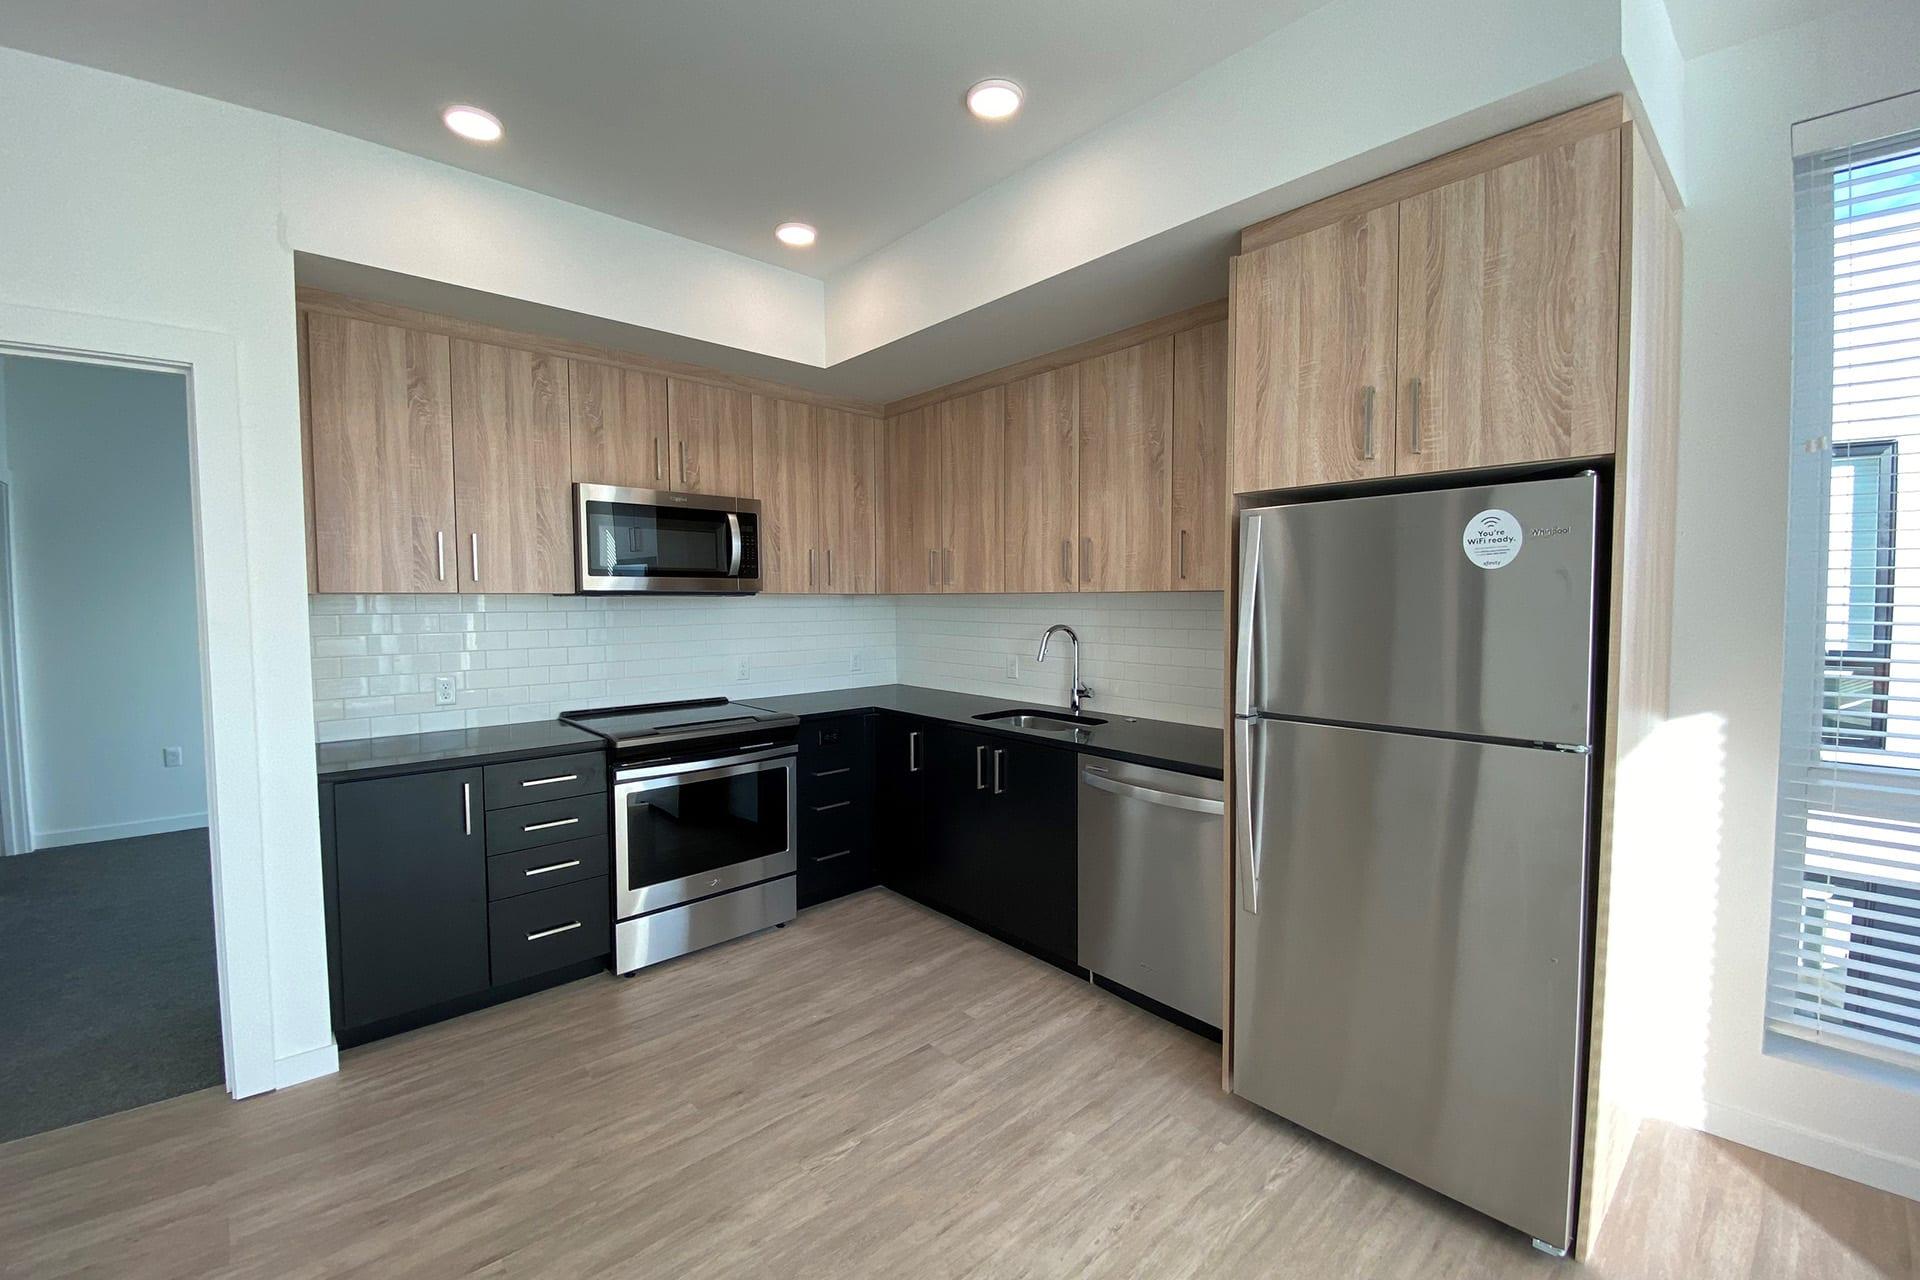 b1_kitchen2x2